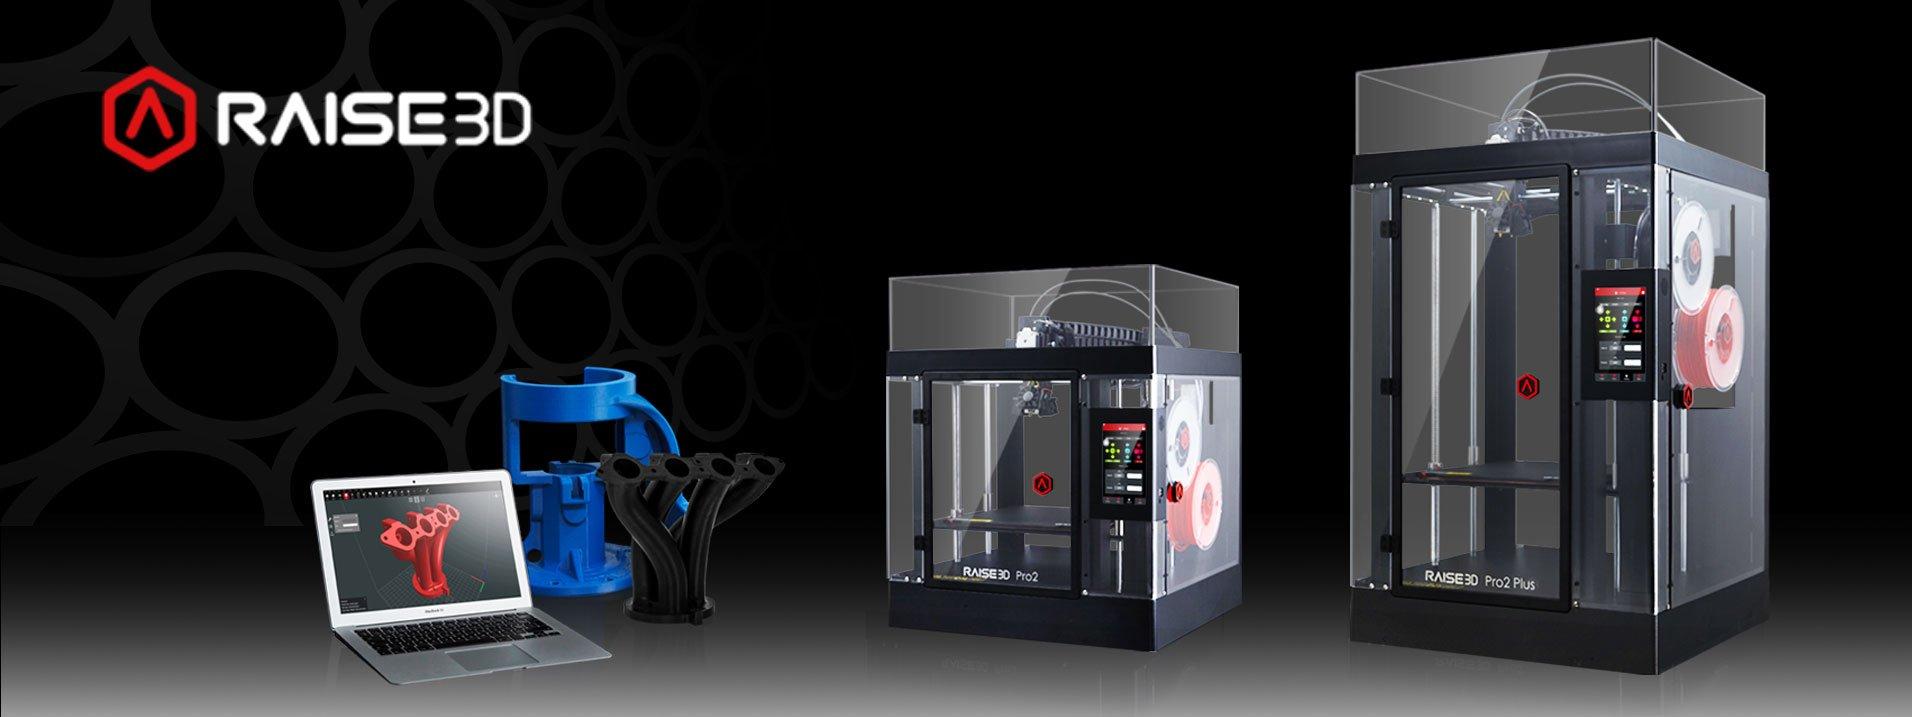 Gamme imprimantes 3D Raise 3D